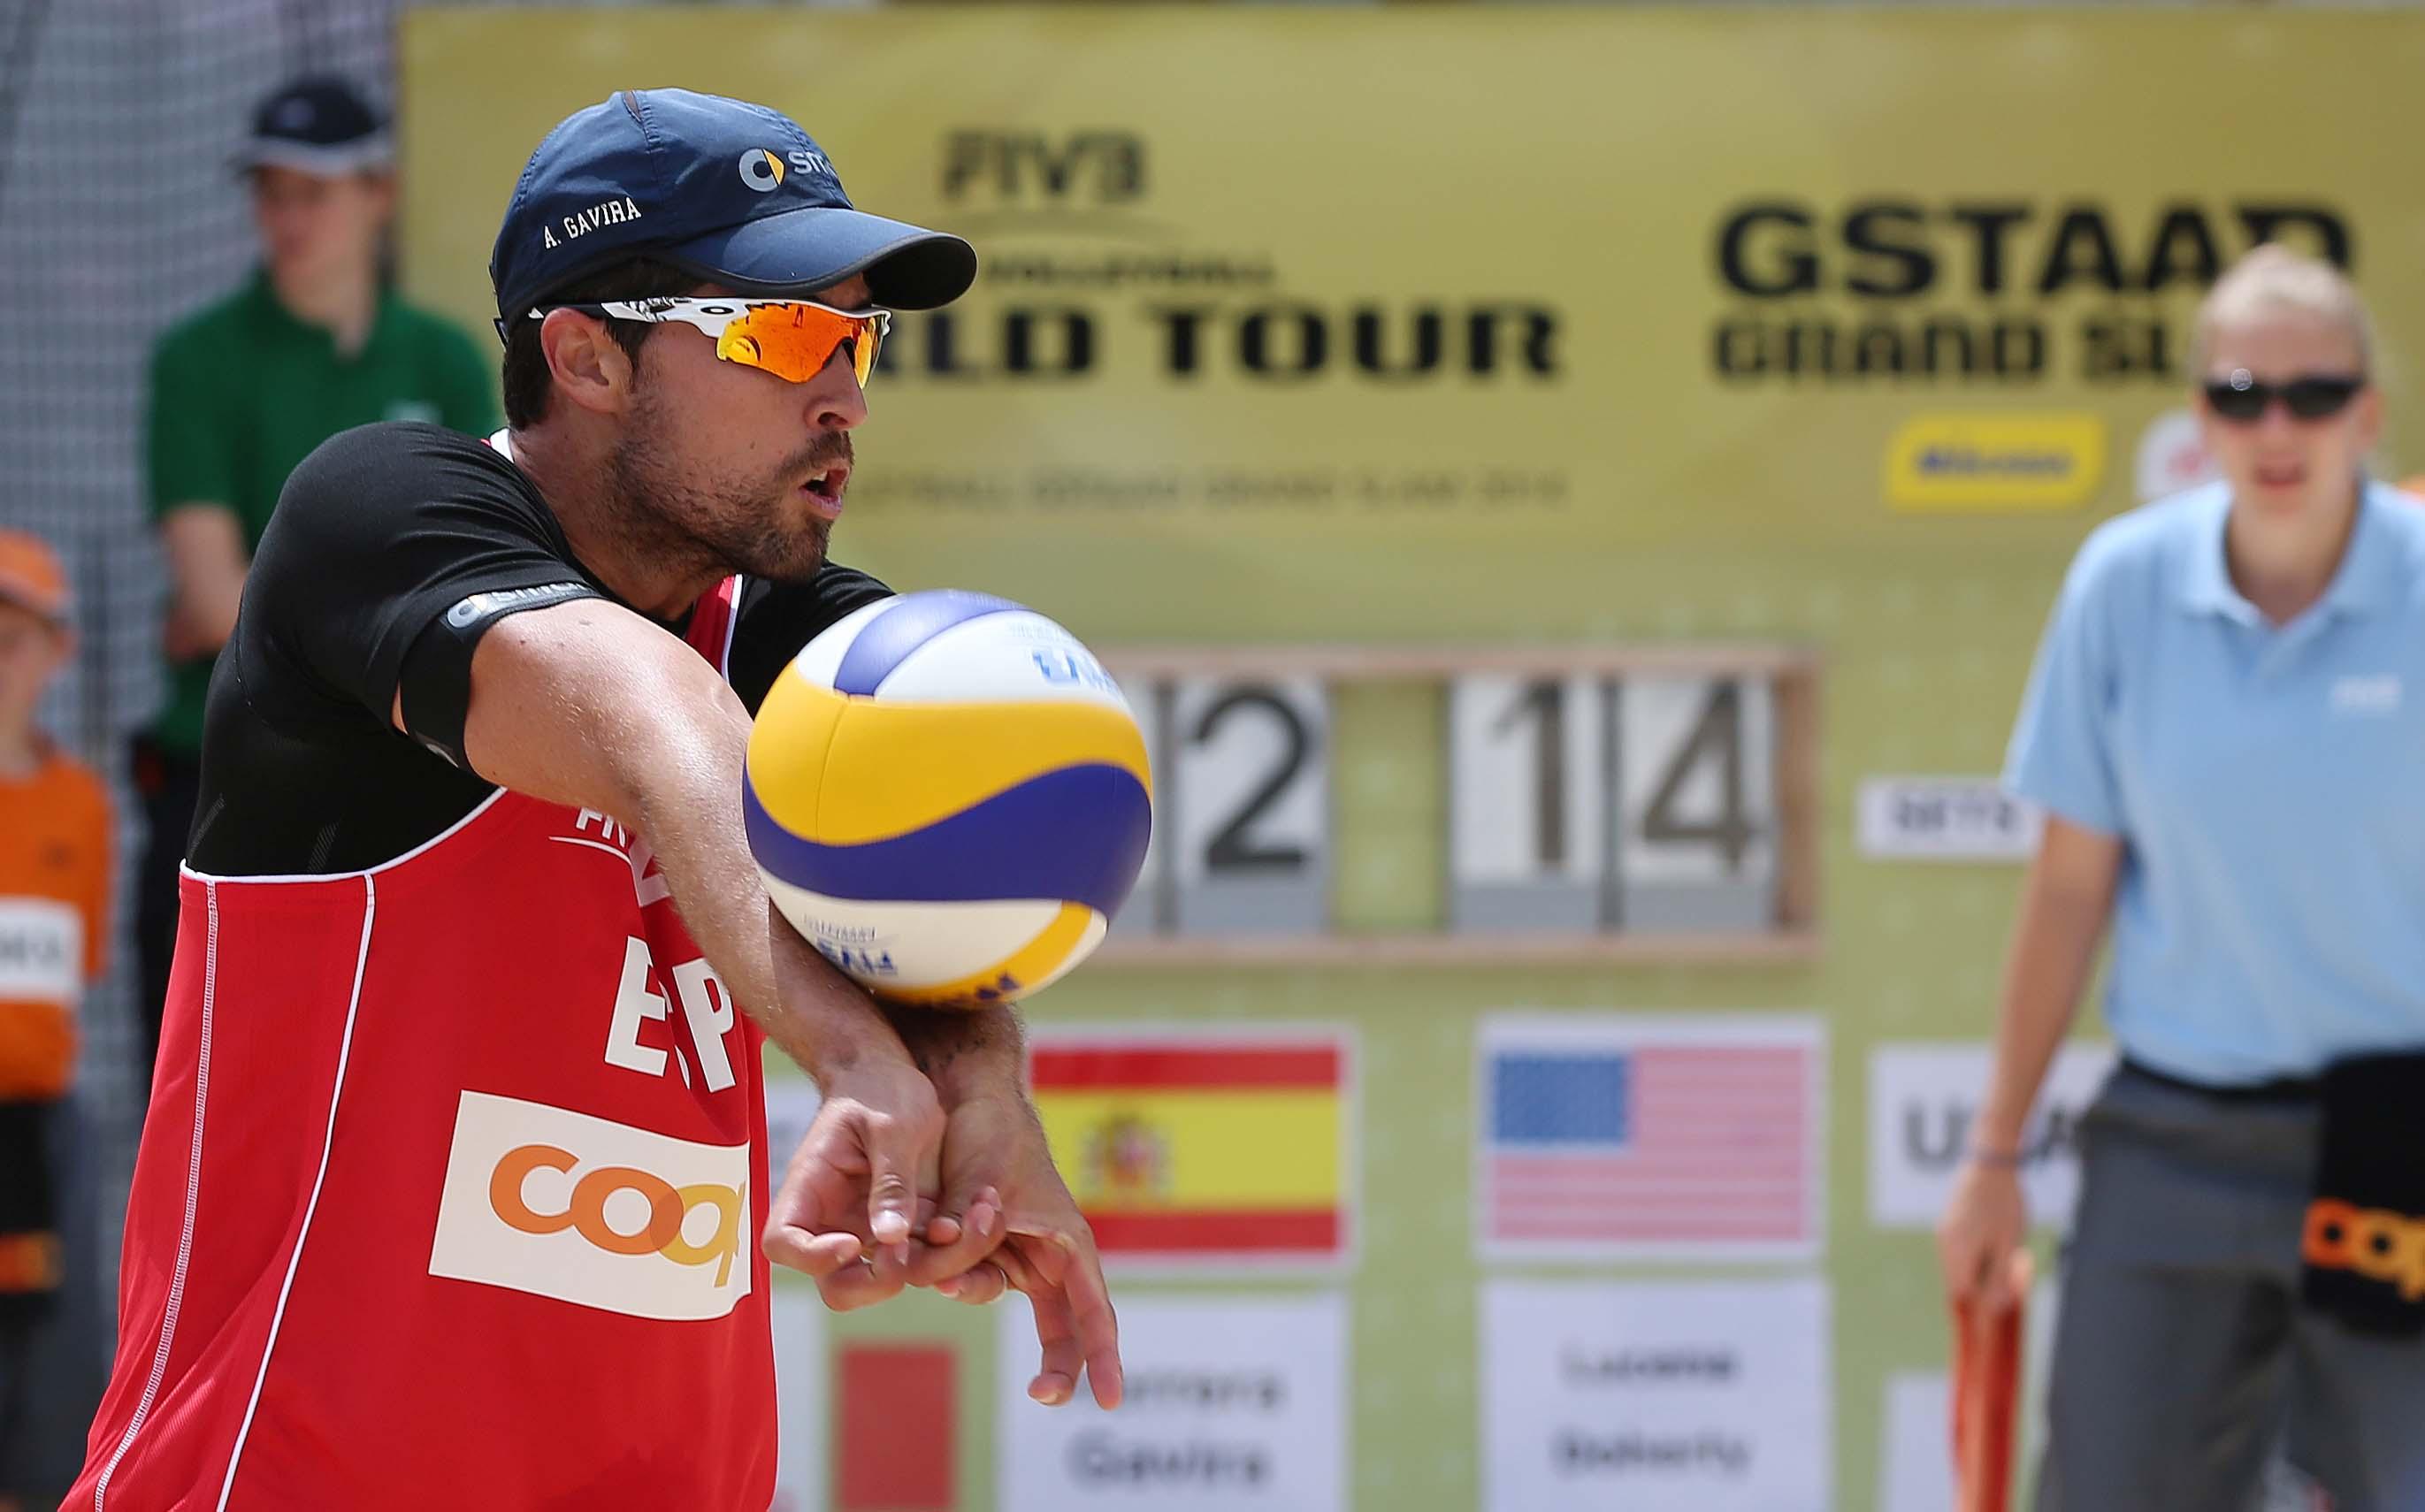 Adrián Gavira en el Grand Slam de Gstaad (Suiza). Fuente: RFEVB